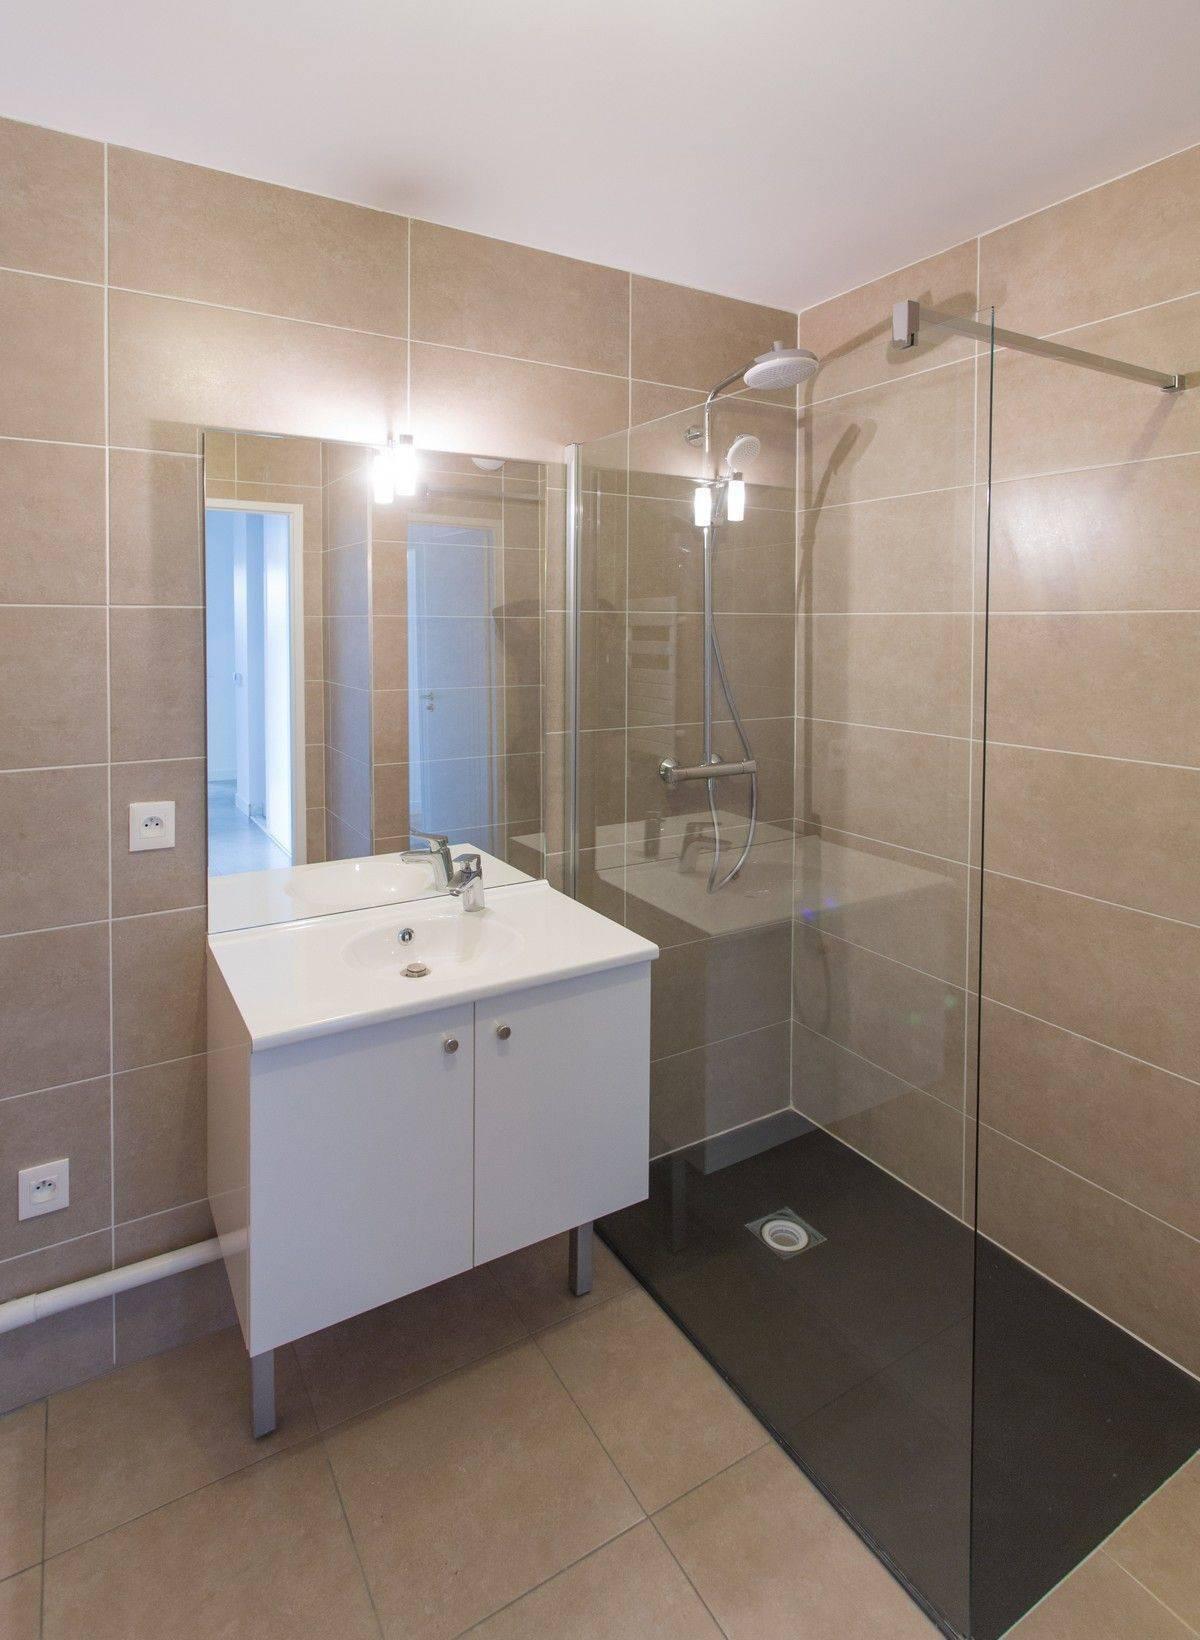 Cout pour la renovation d 39 une salle de bain bordeaux - Cout d une salle de bain ...